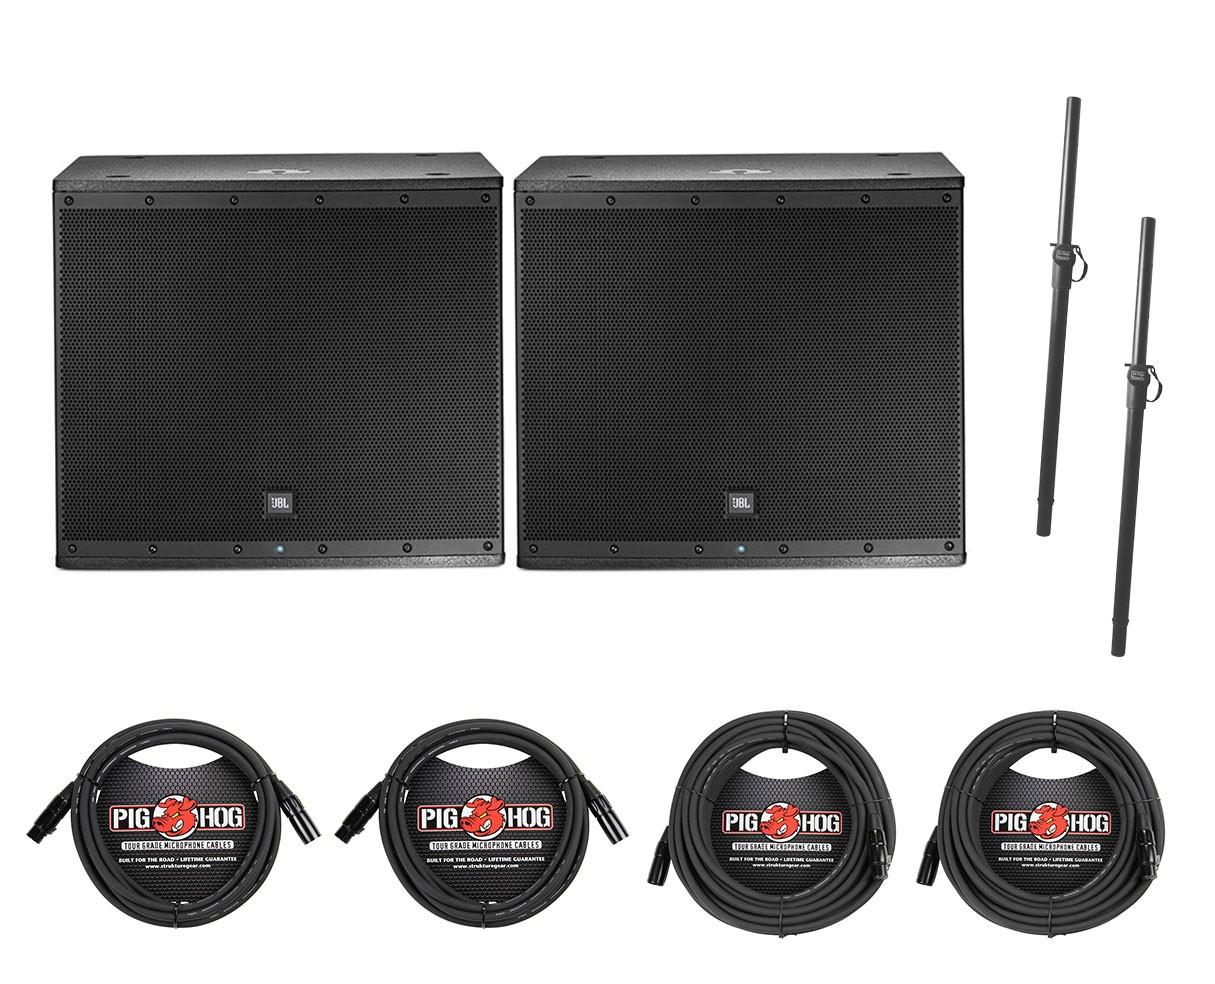 2x JBL EON618S + Poles + Cables